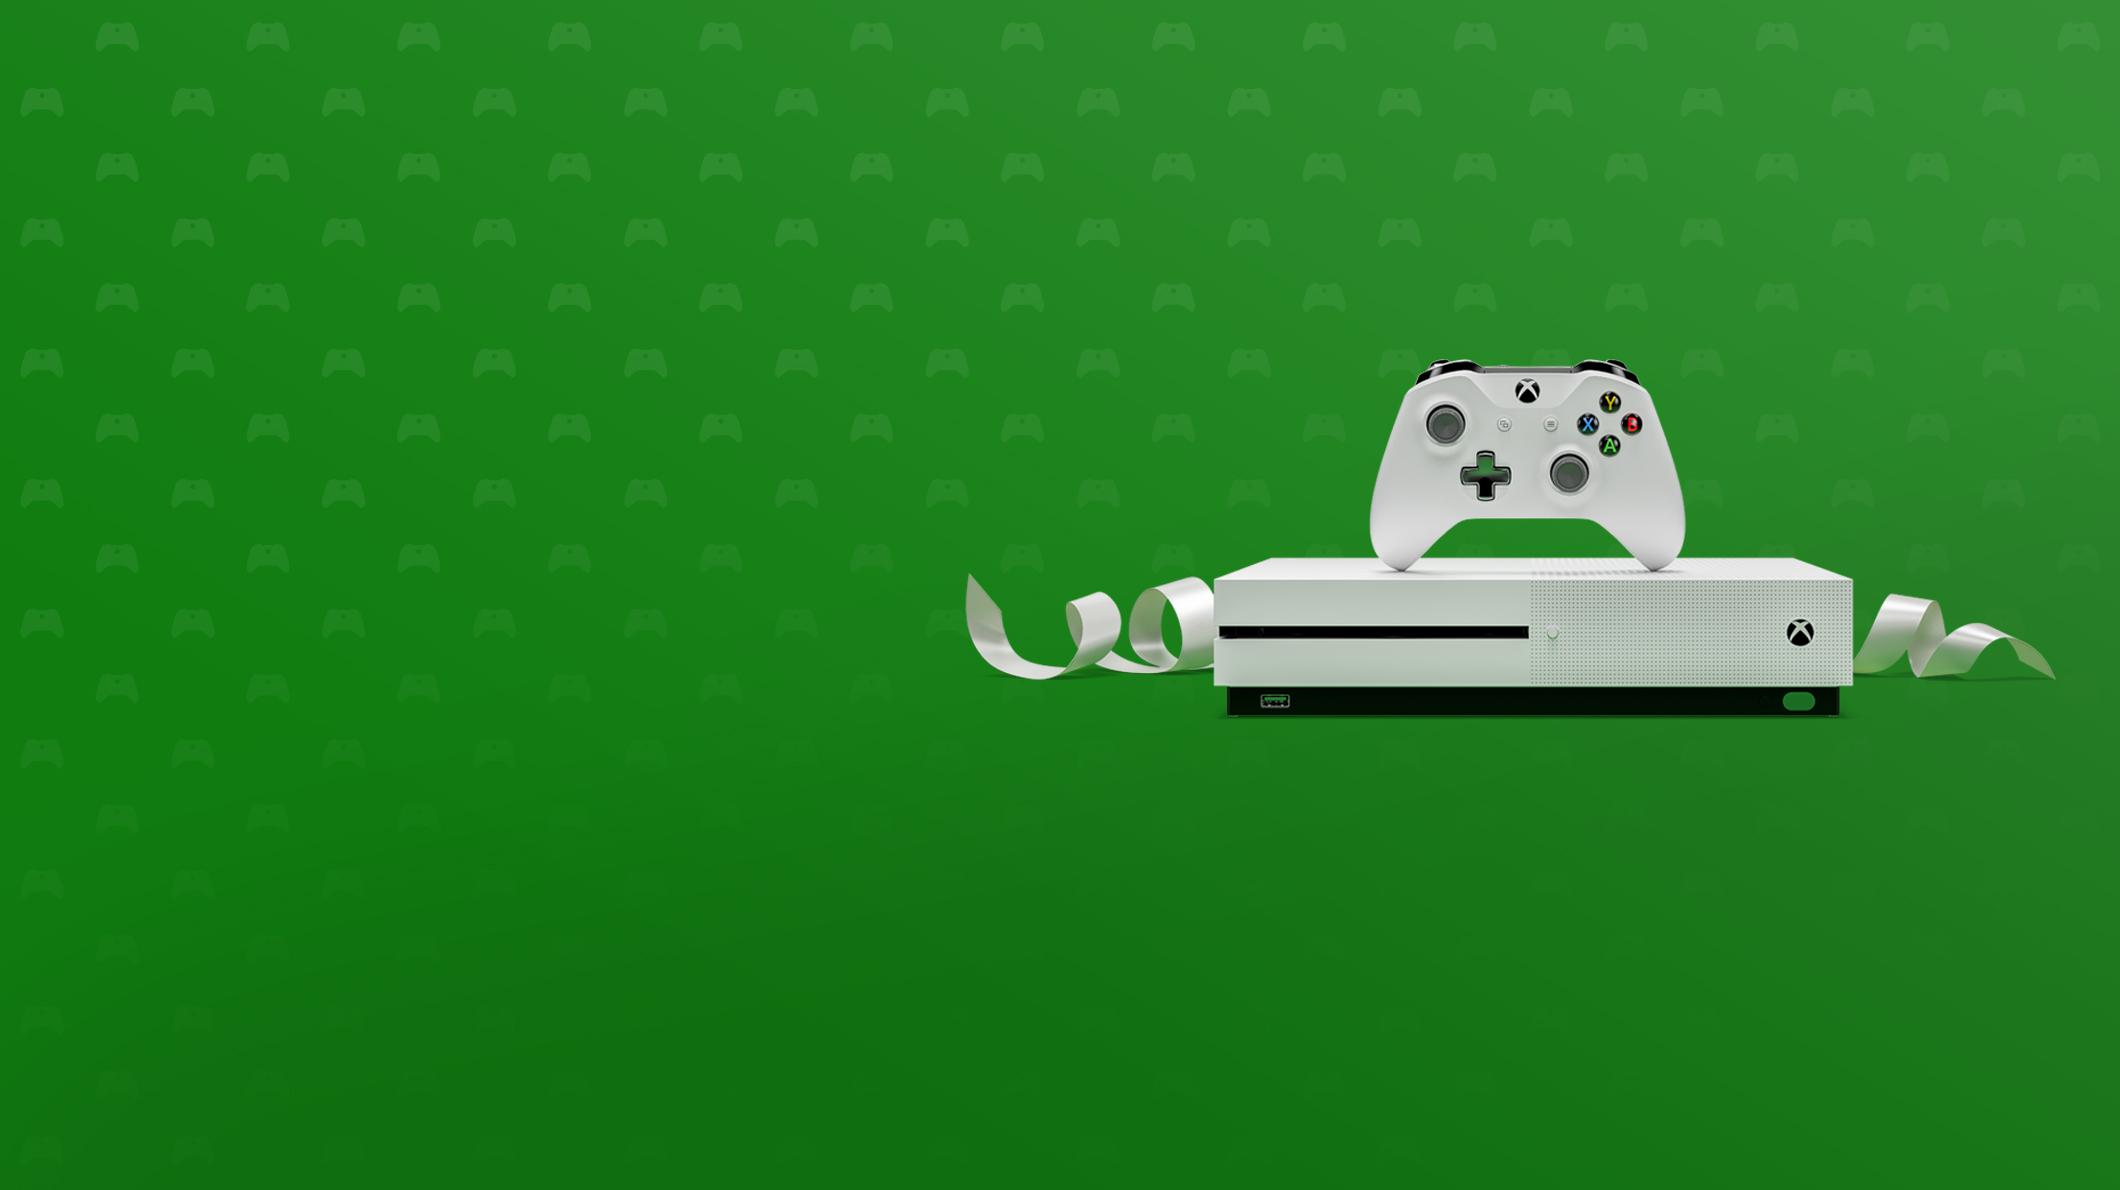 Una Xbox One S con un control